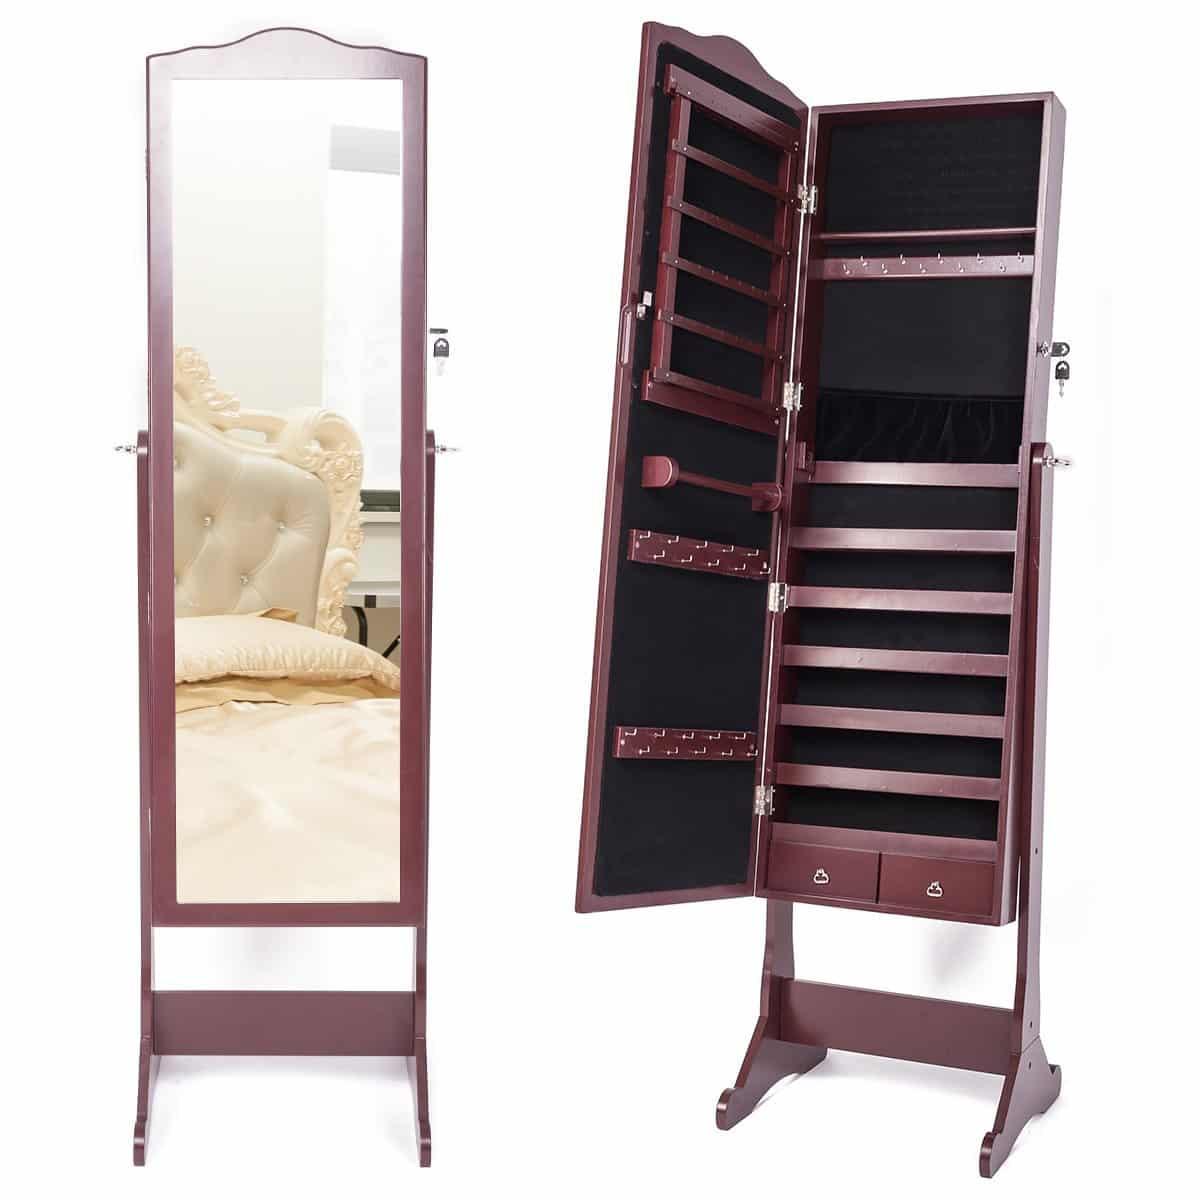 RMAN Schmuckschrank mit Spiegel Schmuckschrank Spiegelschrank Spiegel Schmuck Schrank Schmuckkasten Standspiegel Braun